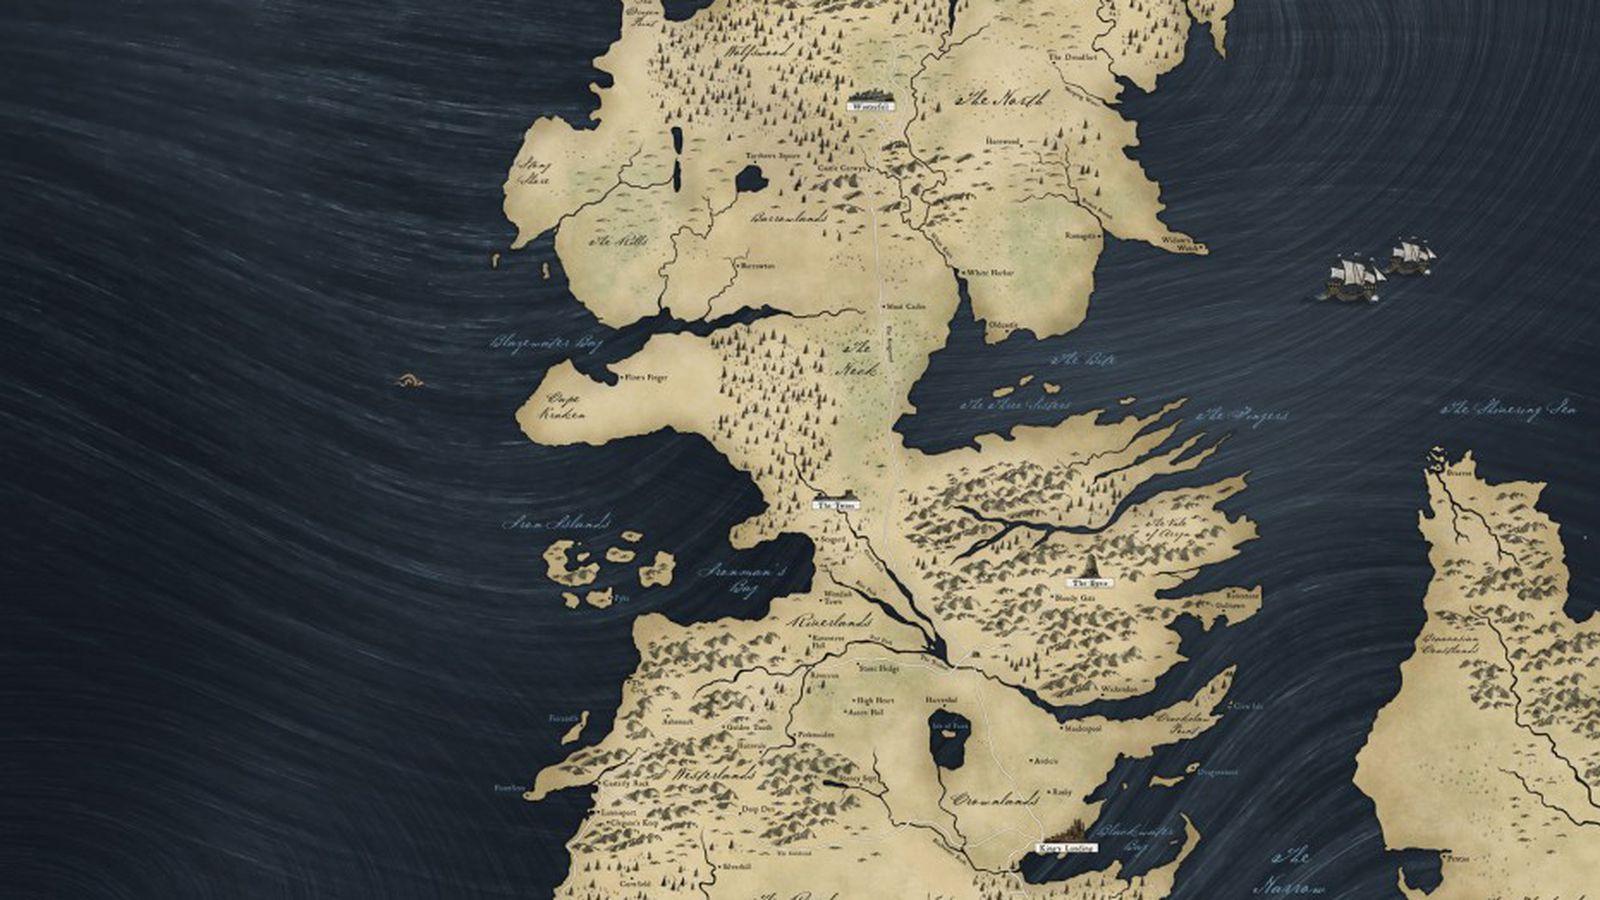 A-game-of-thrones-world-map-westeros-essos-932x1024.0.0